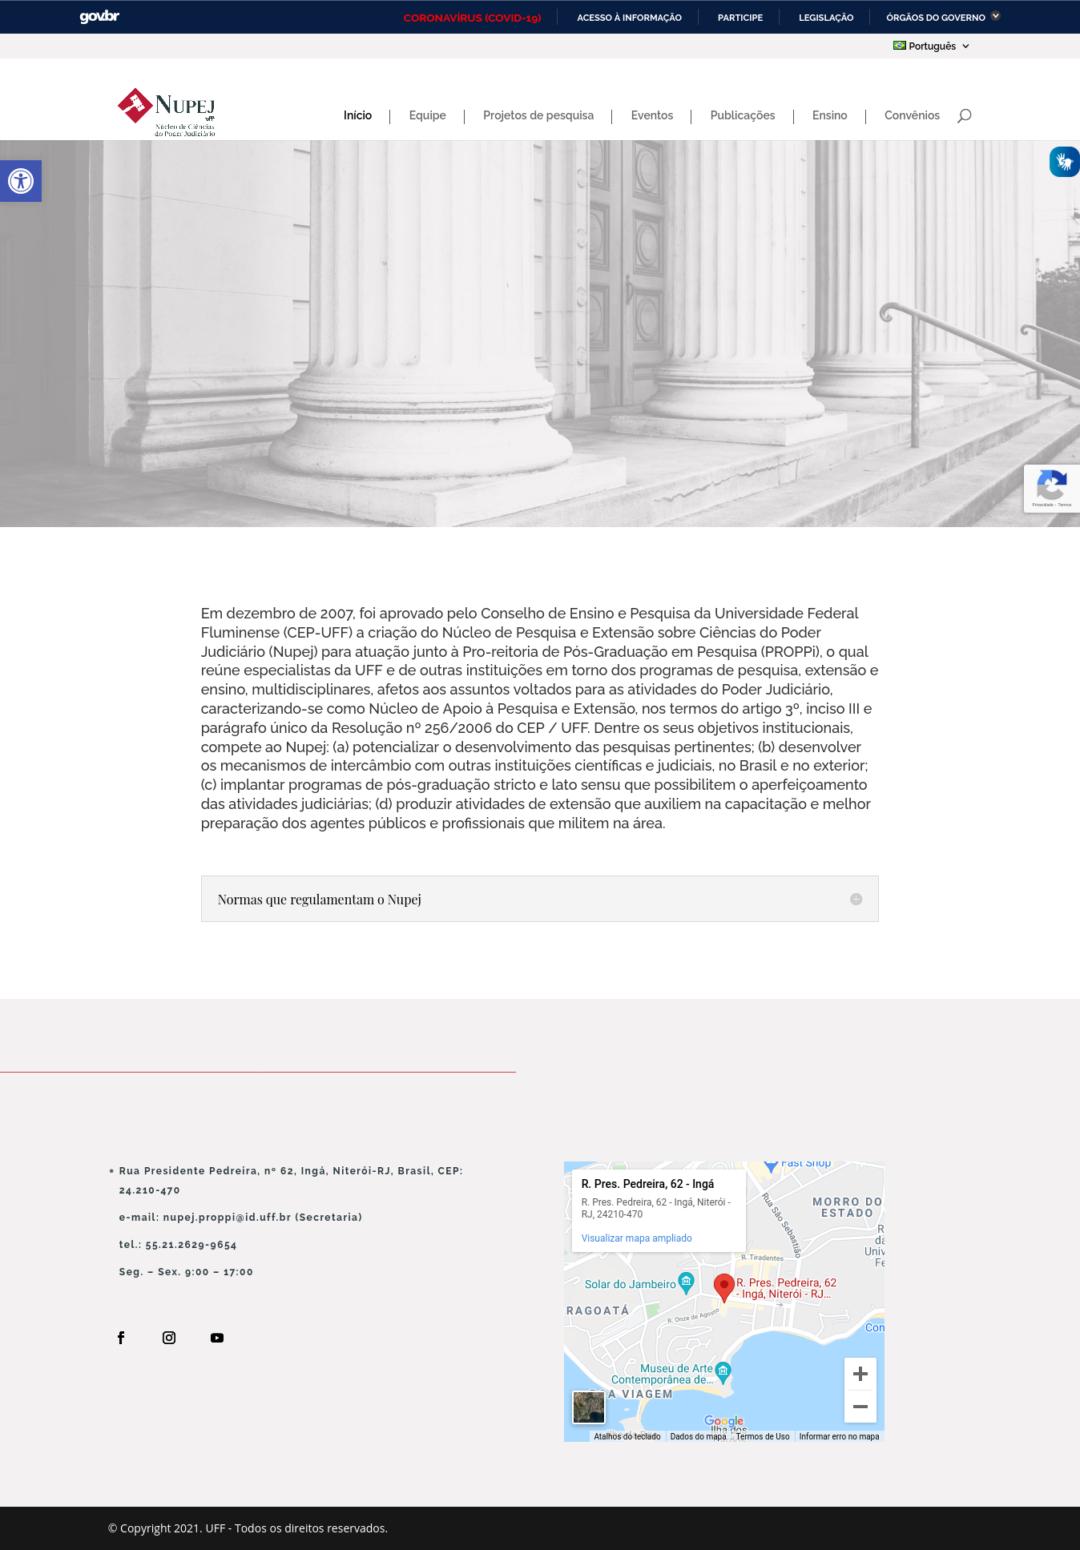 ScNúcleo de Pesquisa e Extensão sobre Ciências do Poder Judiciário